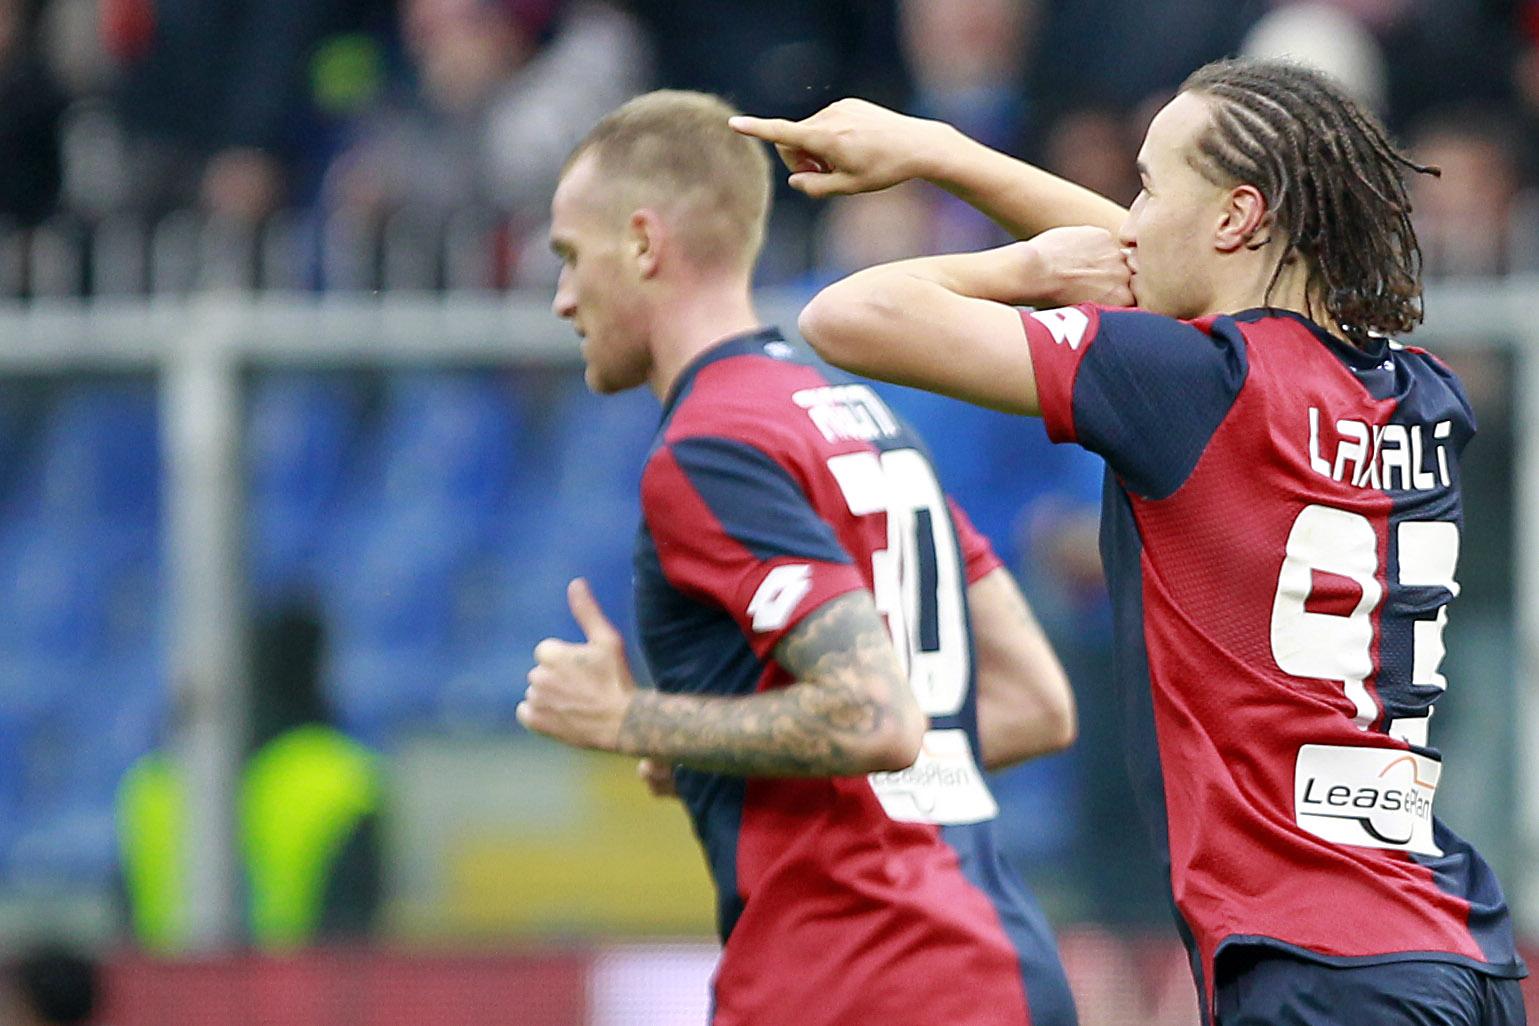 Ponturi pariuri fotbal - Genoa vs Roma